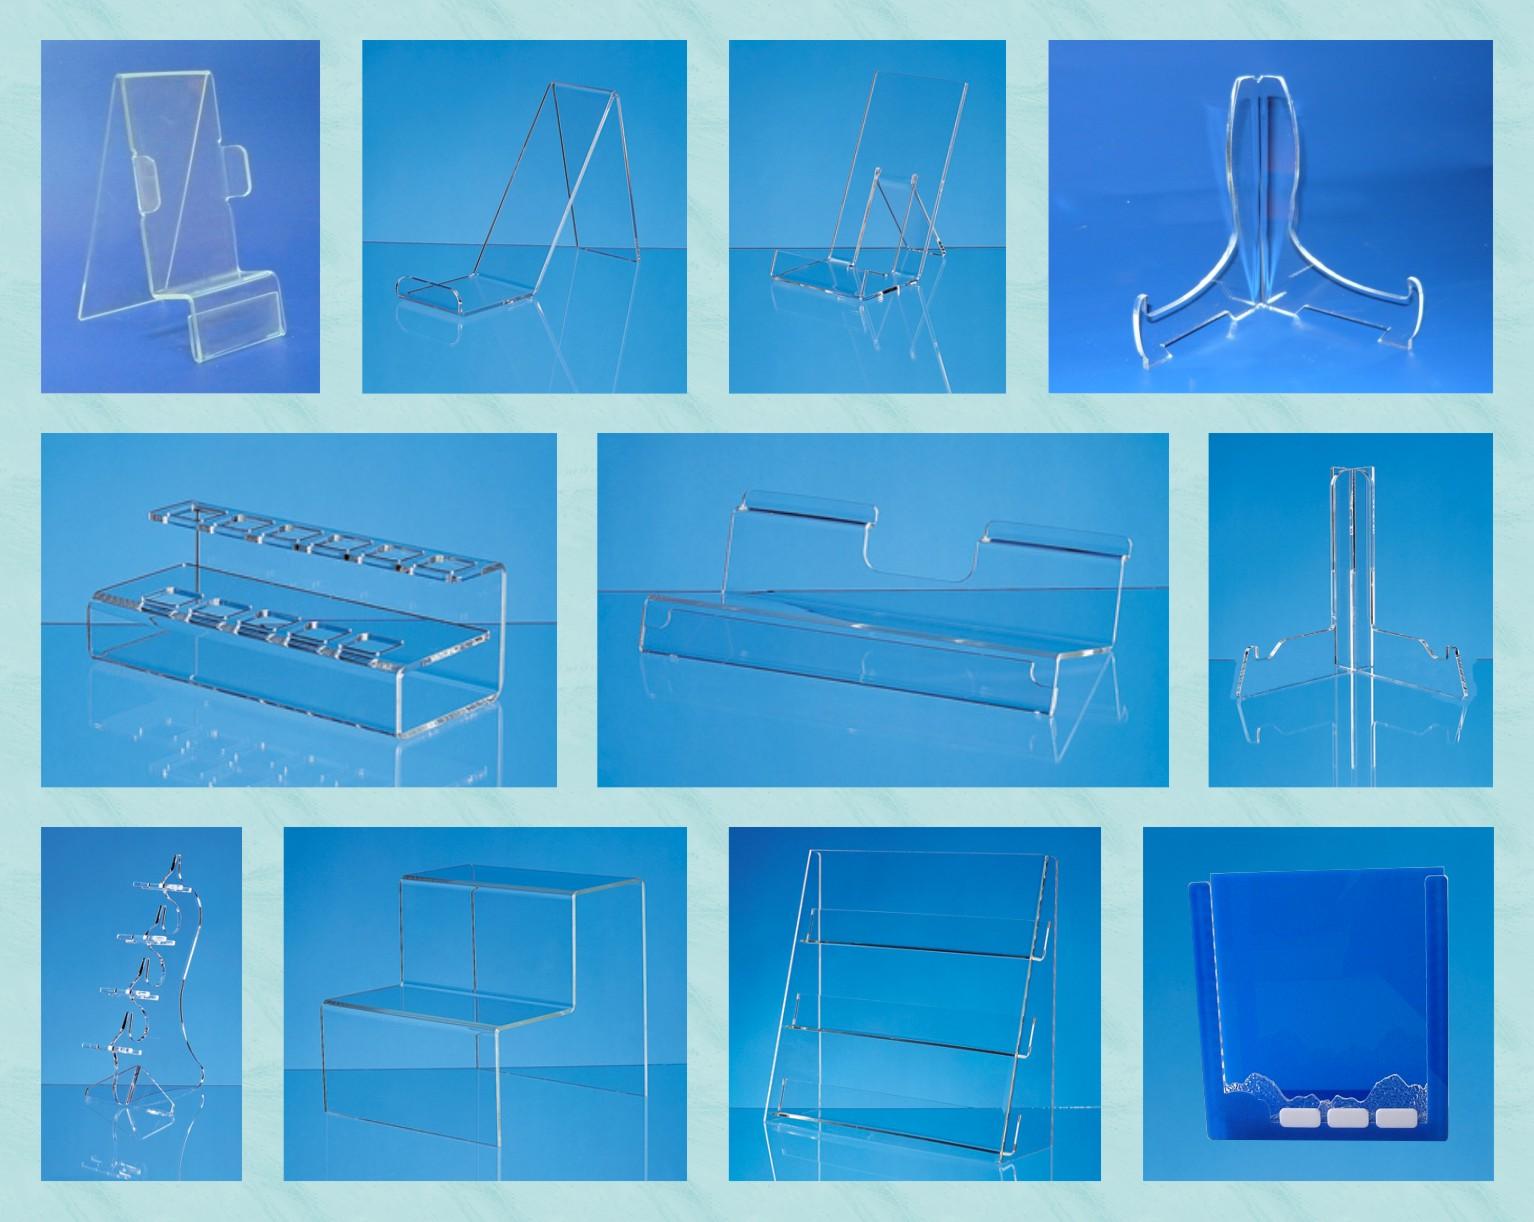 Пластиковые подставки из акрила, оргстекла, пластика для ветрин